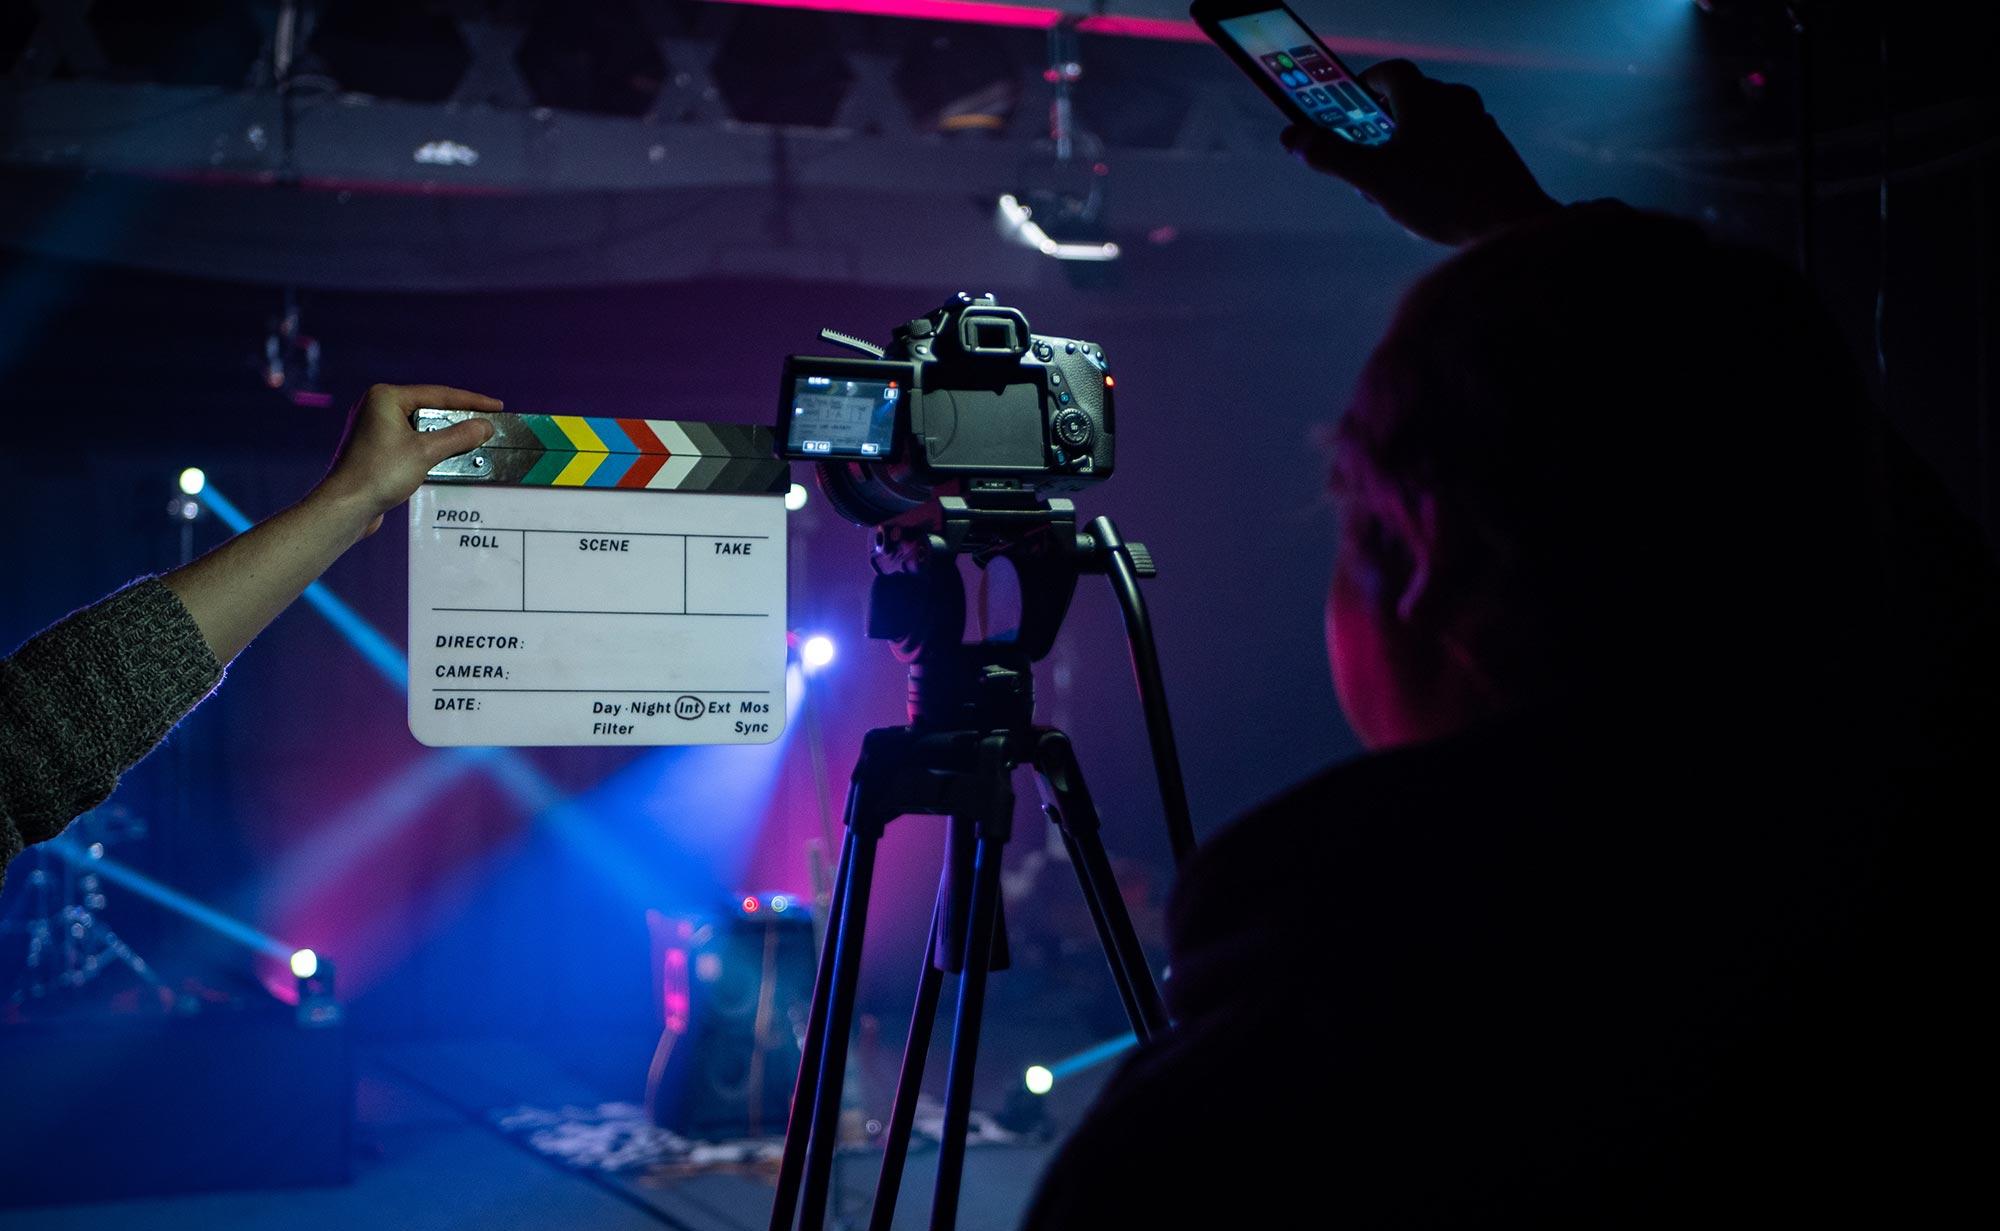 Production vidéo : film corporate et institutionnel